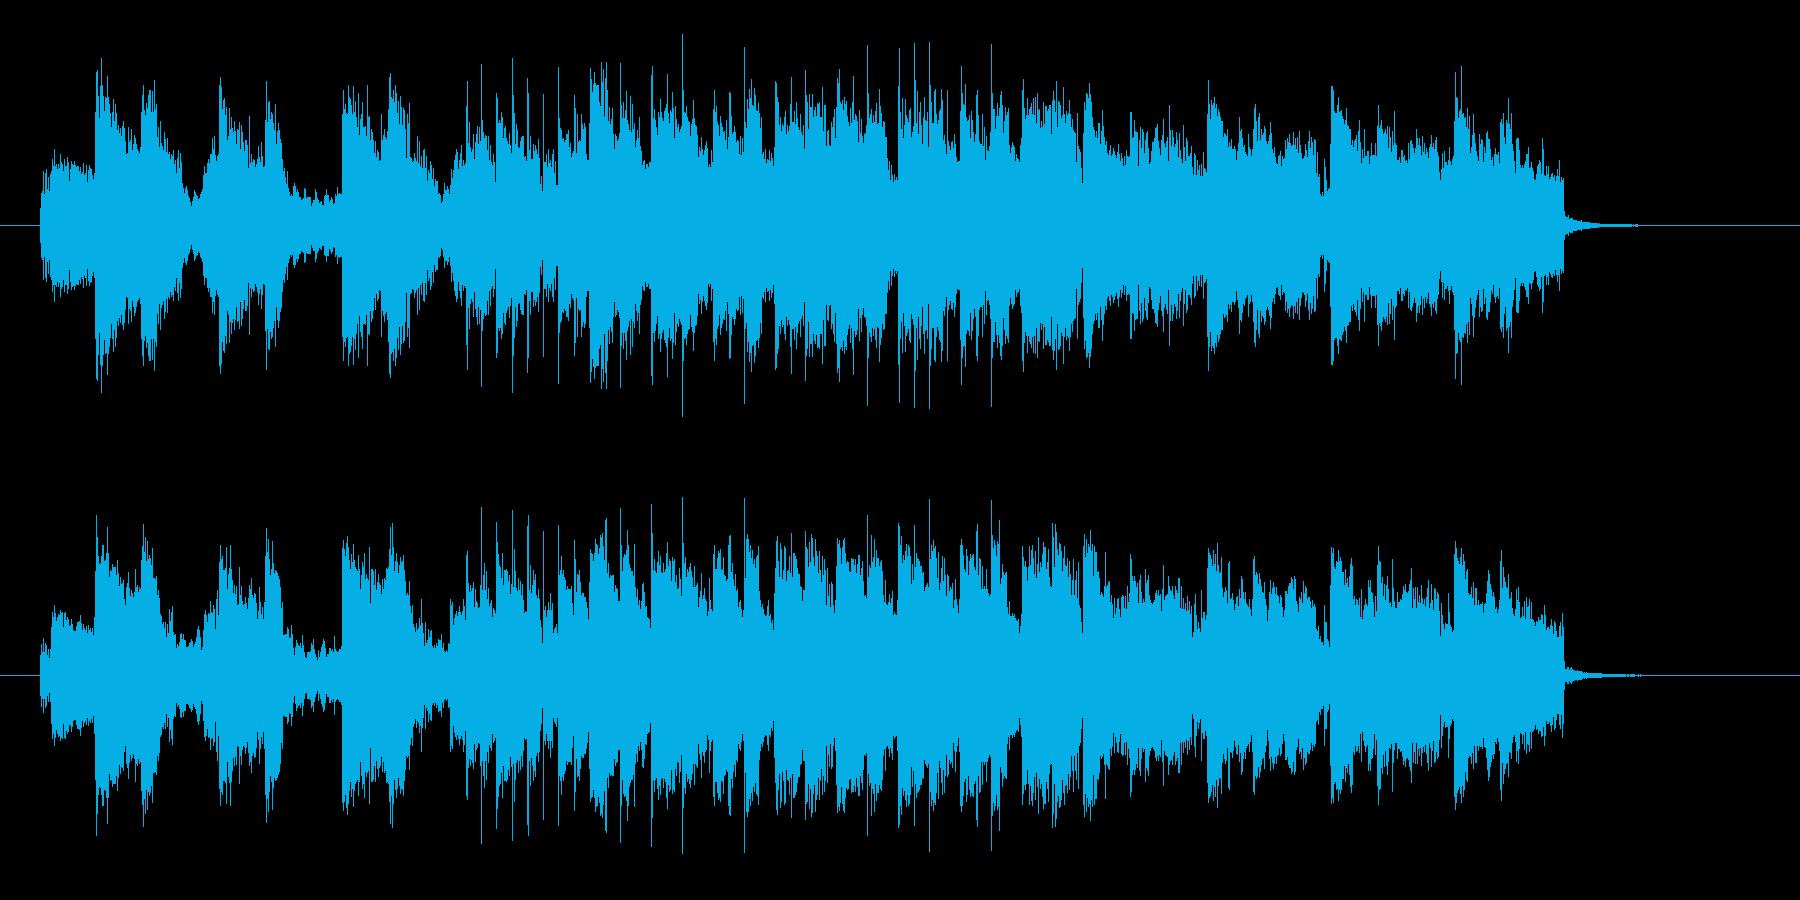 アップテンポで疾走感あるギターの曲の再生済みの波形